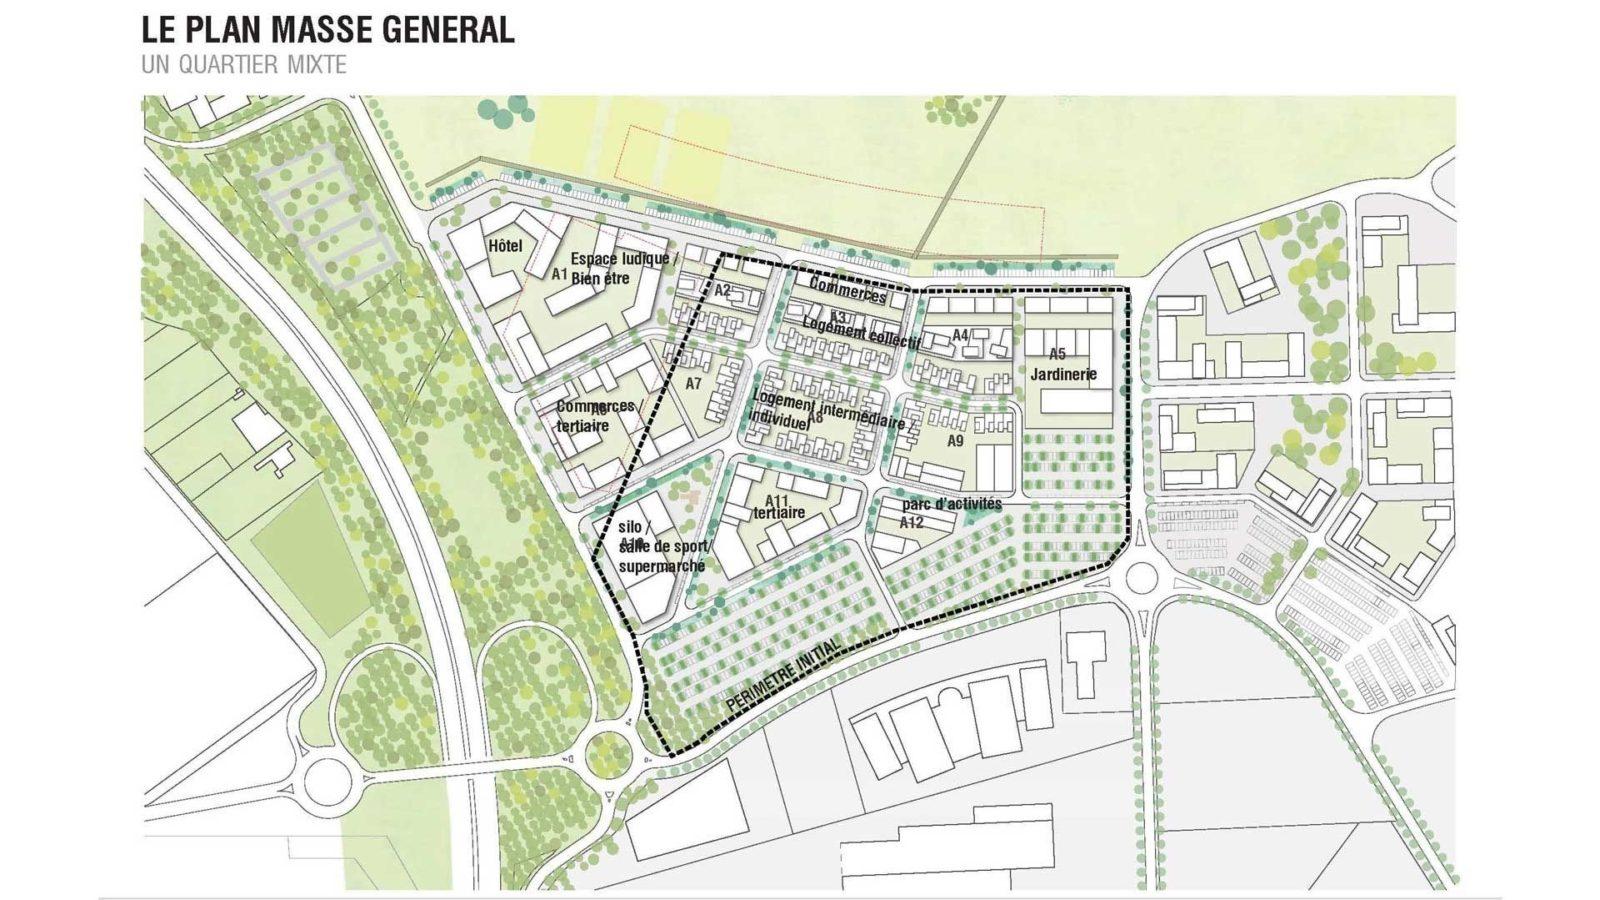 Etude Urbaine de la ZAC Garonne - Mutabilis